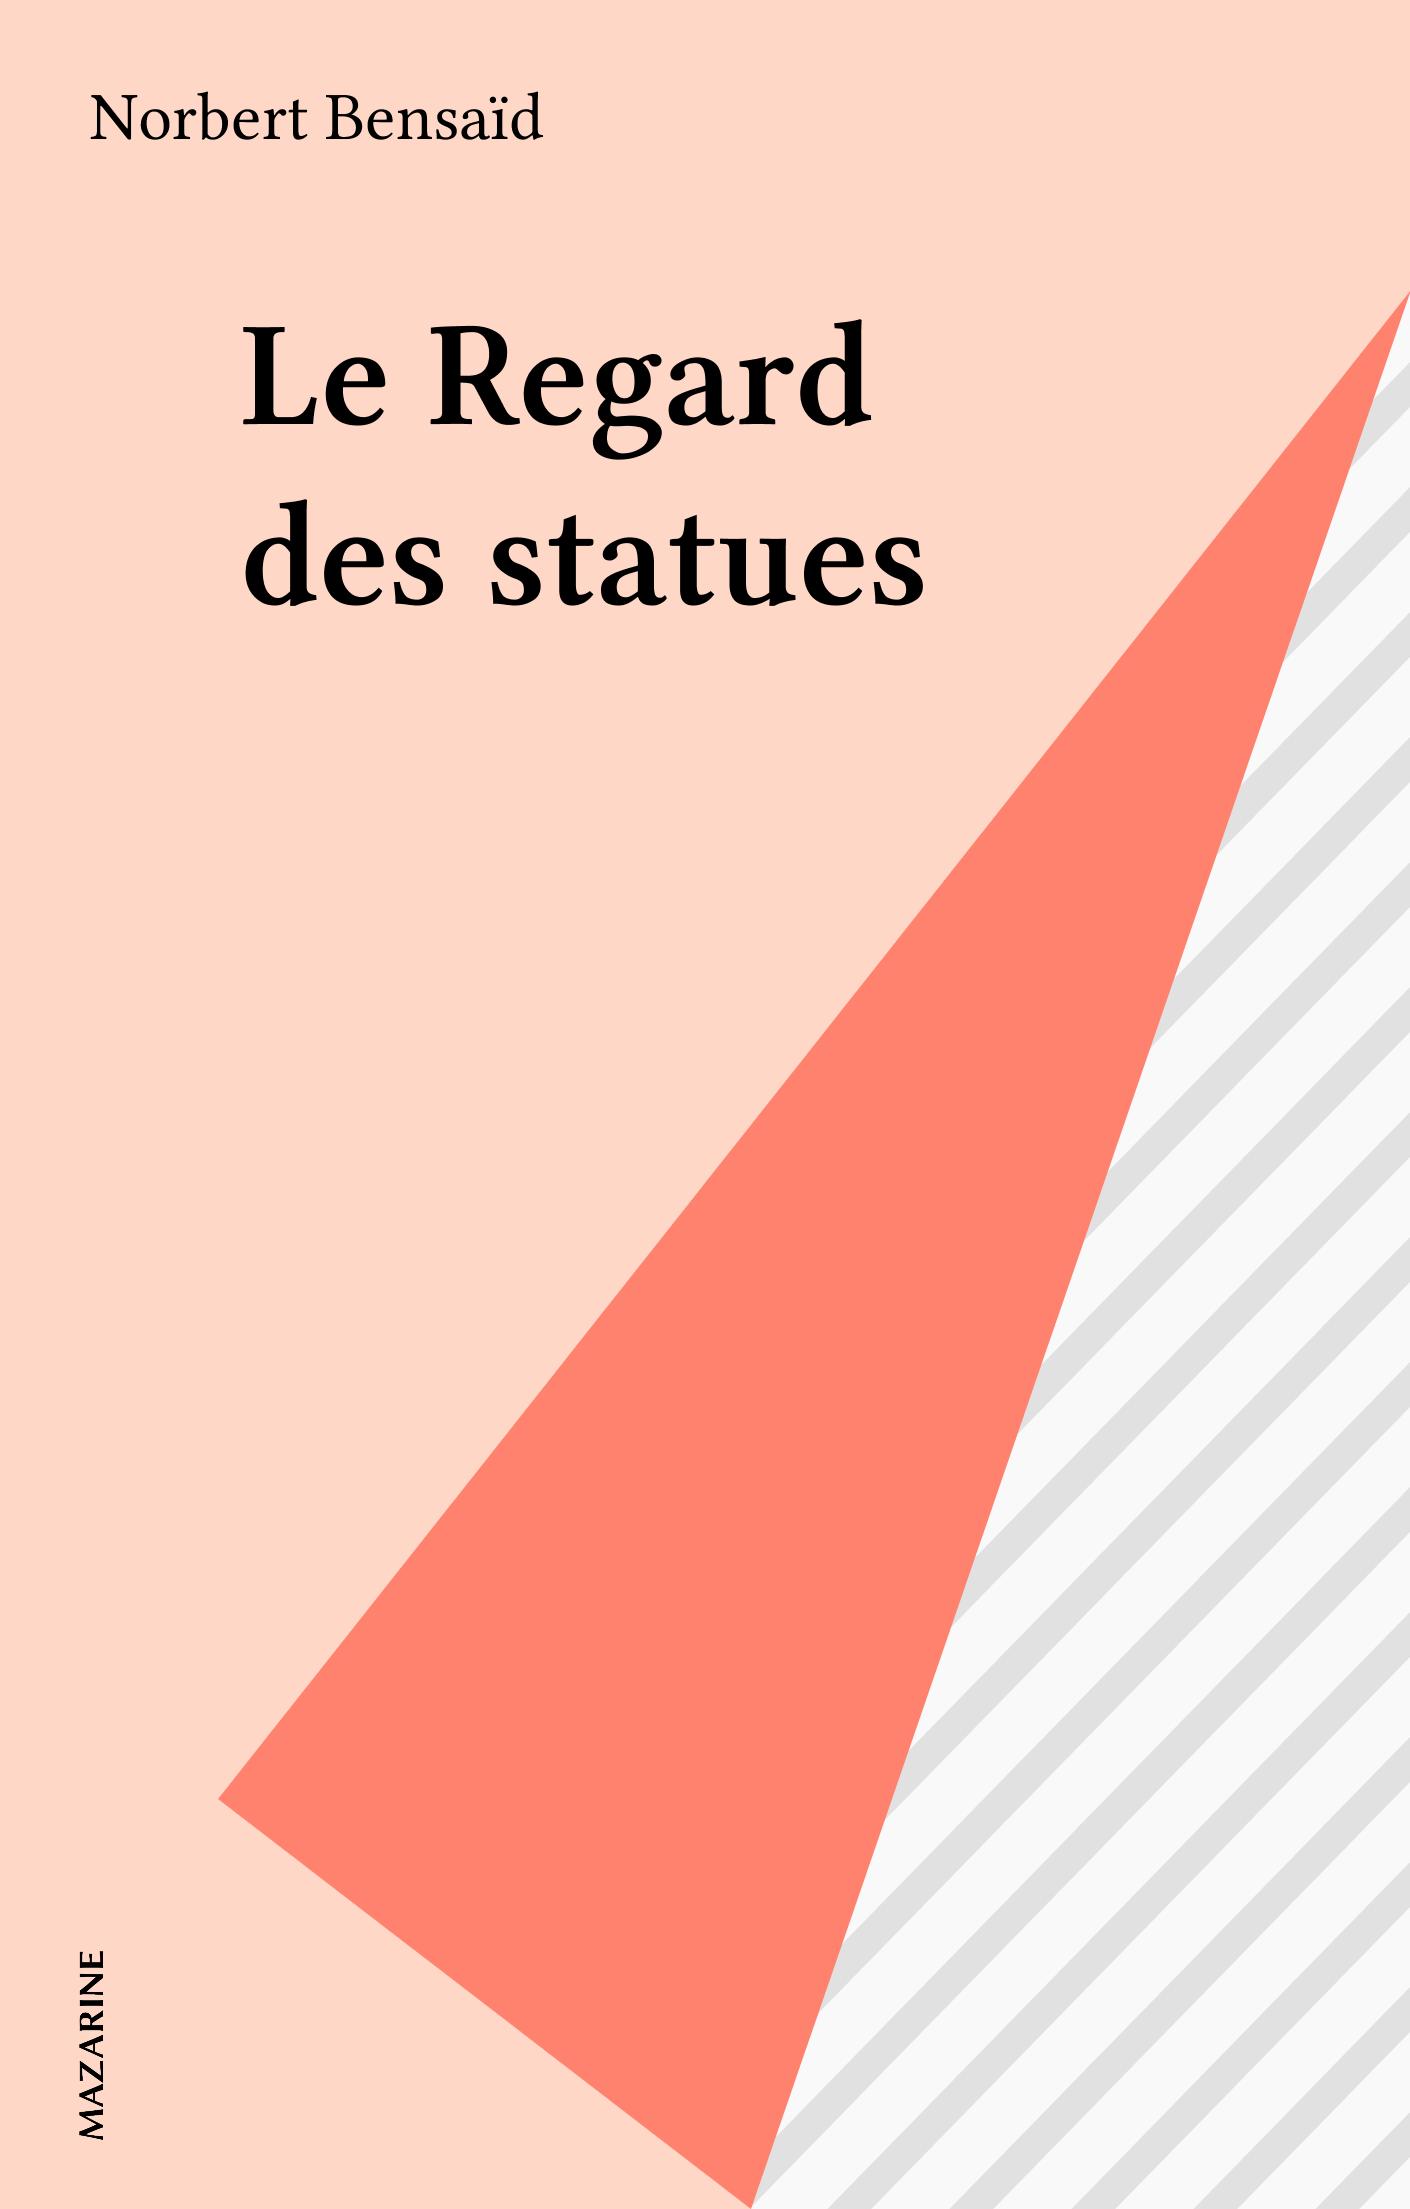 Le Regard des statues